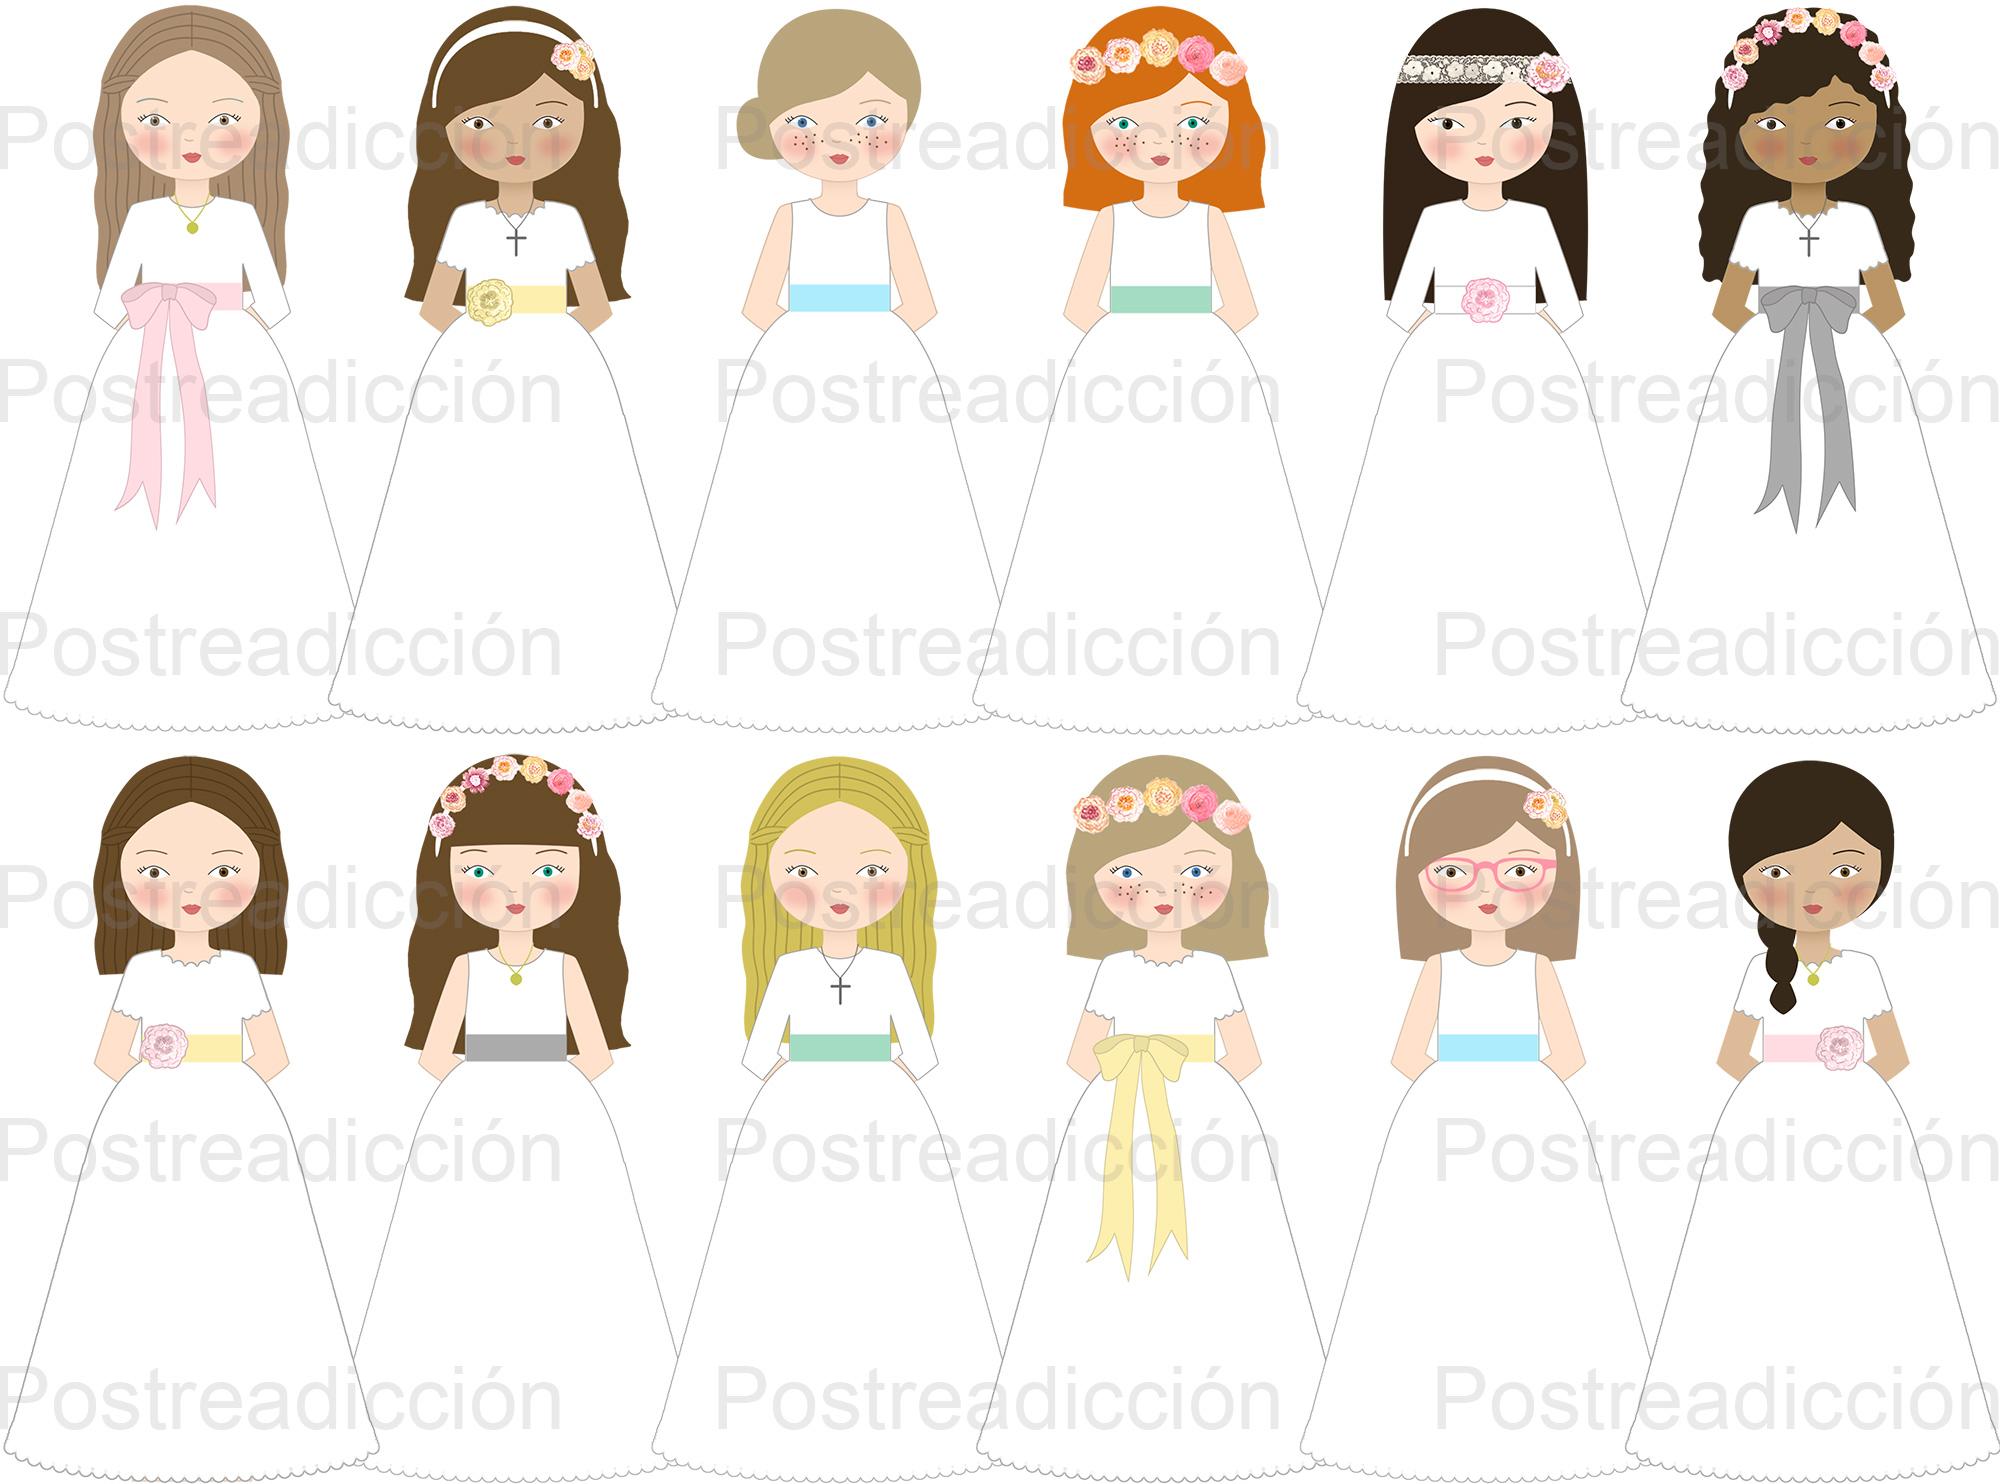 Imagen de producto: https://tienda.postreadiccion.com/img/articulos/secundarias13823-imprimible-arbol-de-huellas-de-primera-comunion-carlota-1.jpg